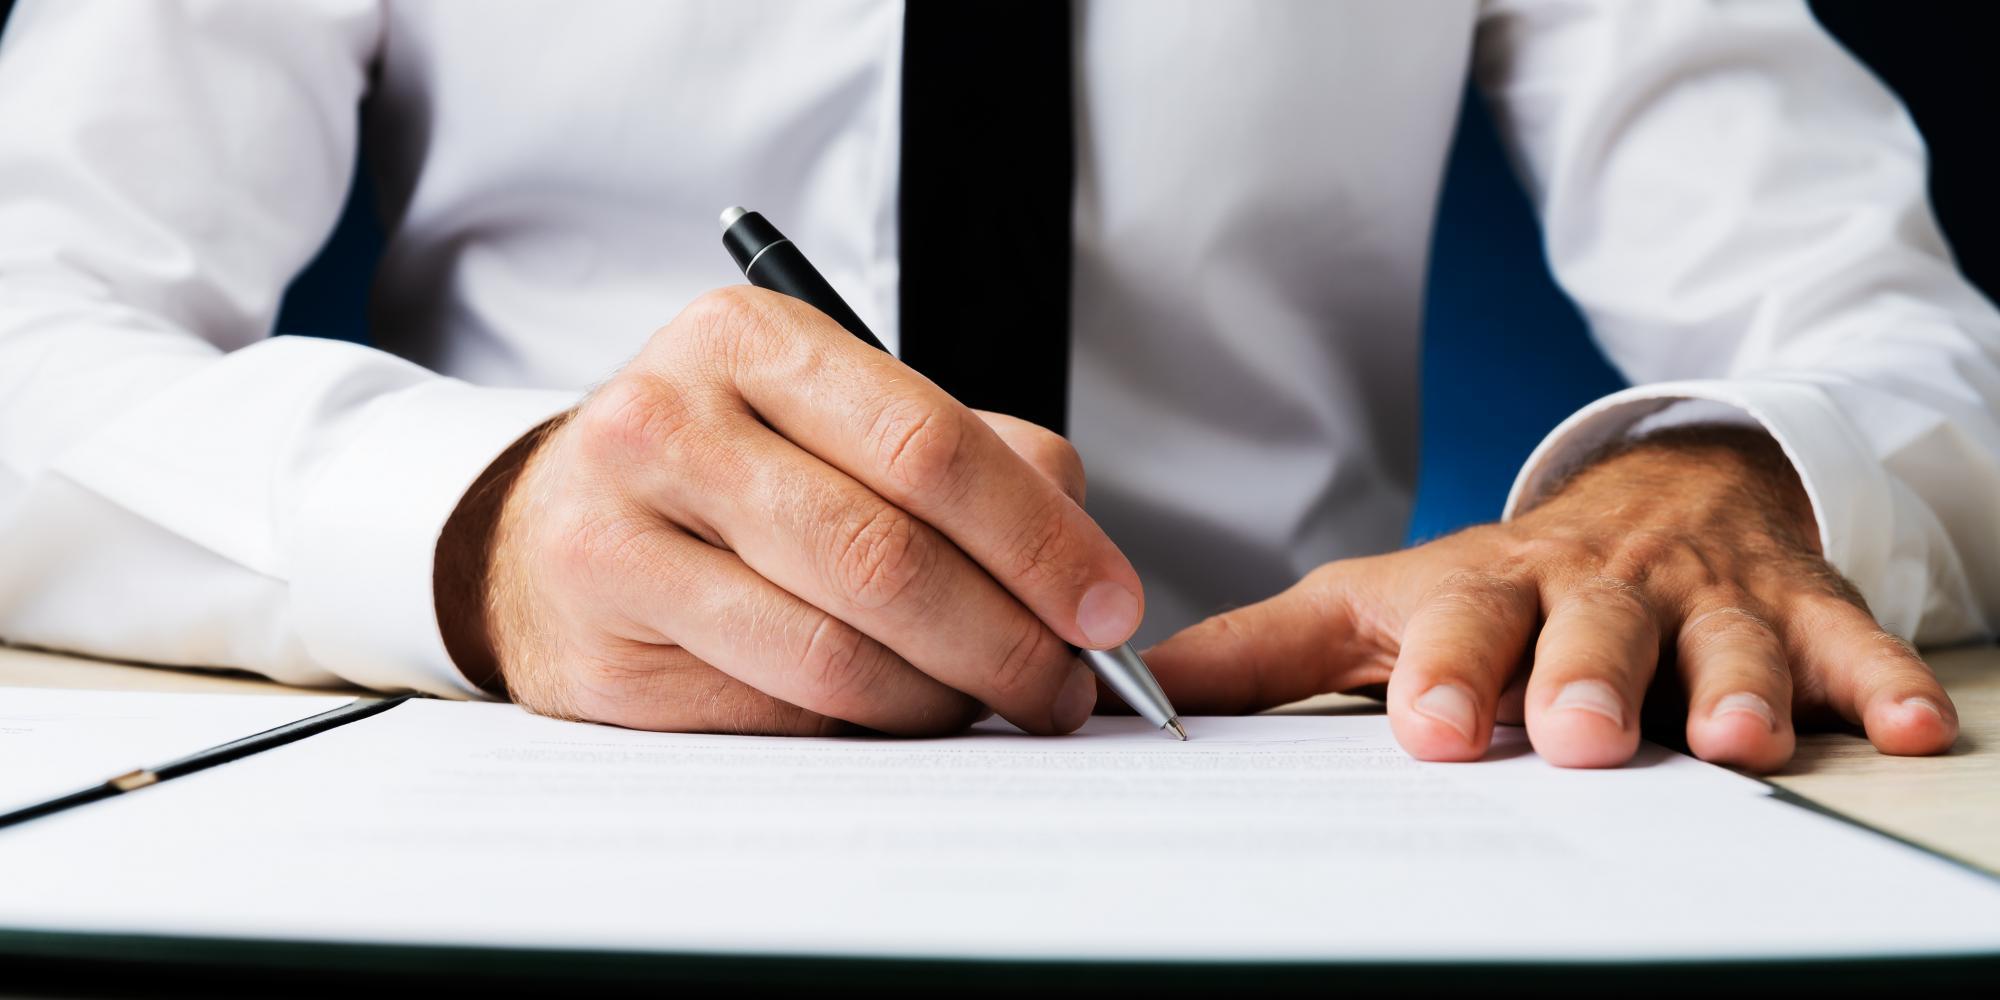 ФНС утвердила формат заявления иностранной организации об изменениях в ранее представленных сведениях